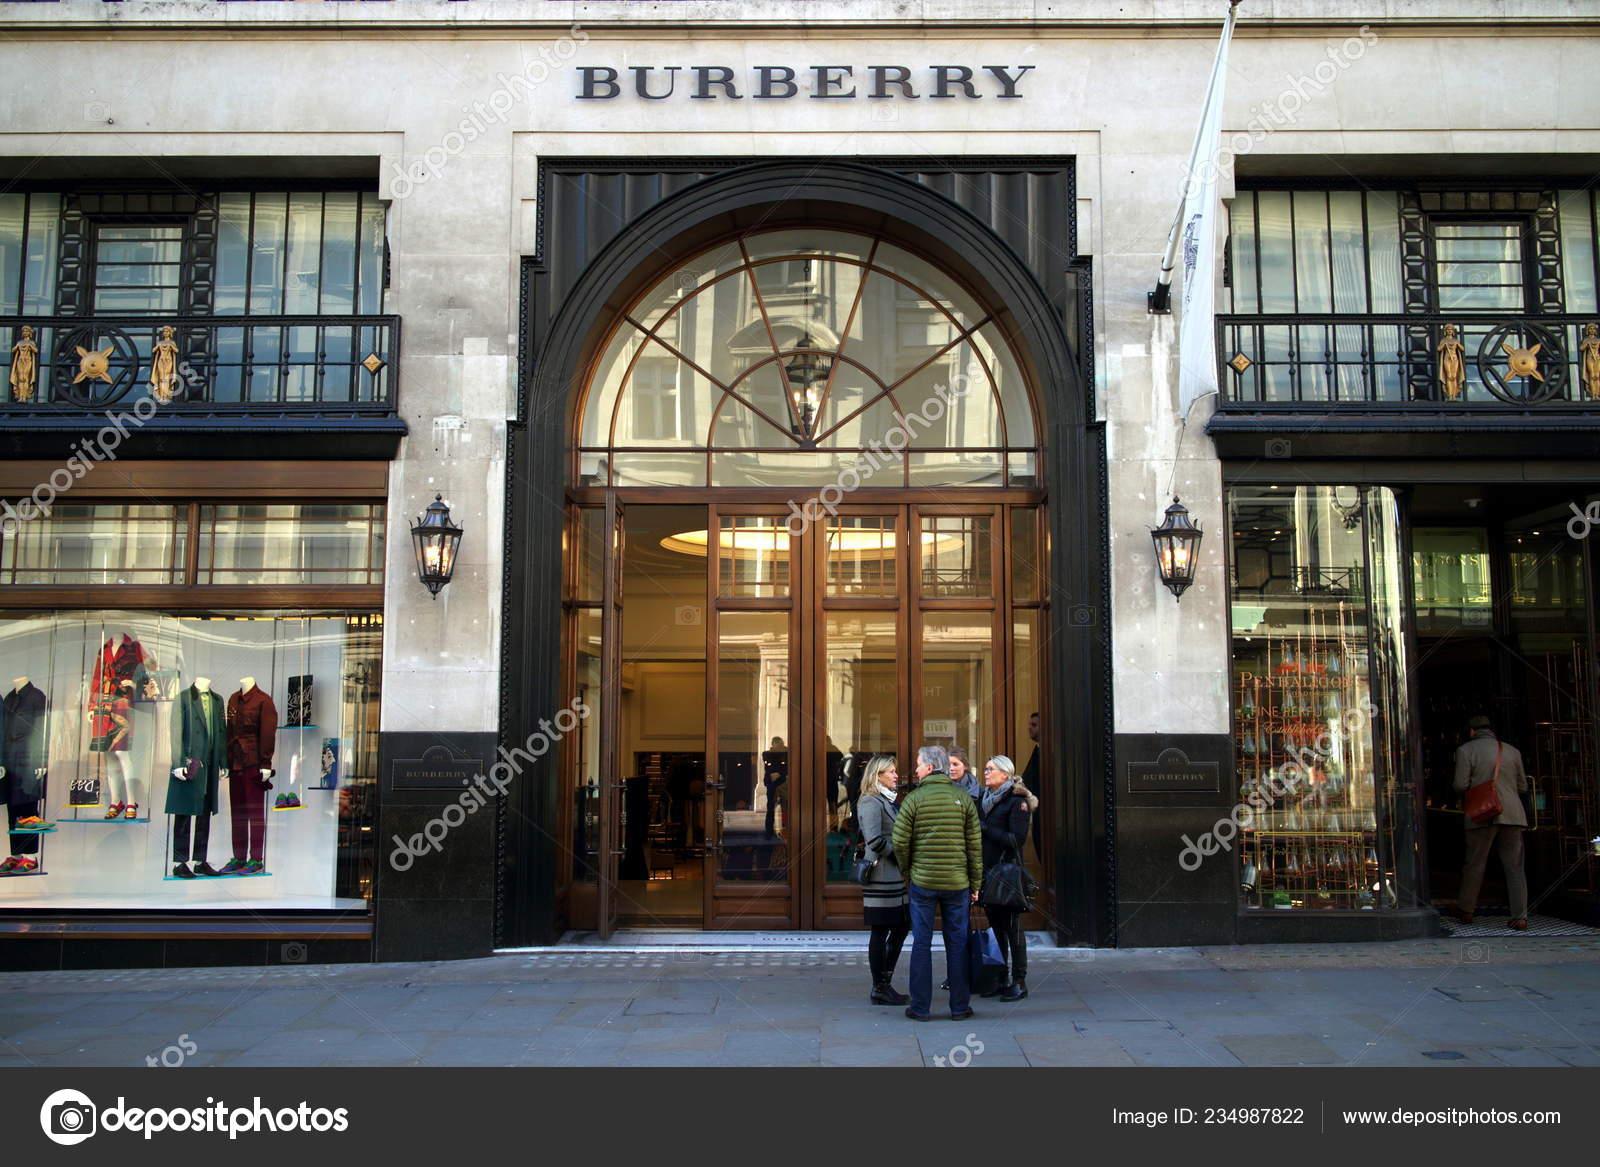 2a37ca876 Лондон, Англия - 24 января 2015: Люди перед флагманский магазин Burberry в  Риджент-стрит, Лондон. Бренд был основан в 1856 году Томасом Барберри —  Фото ...